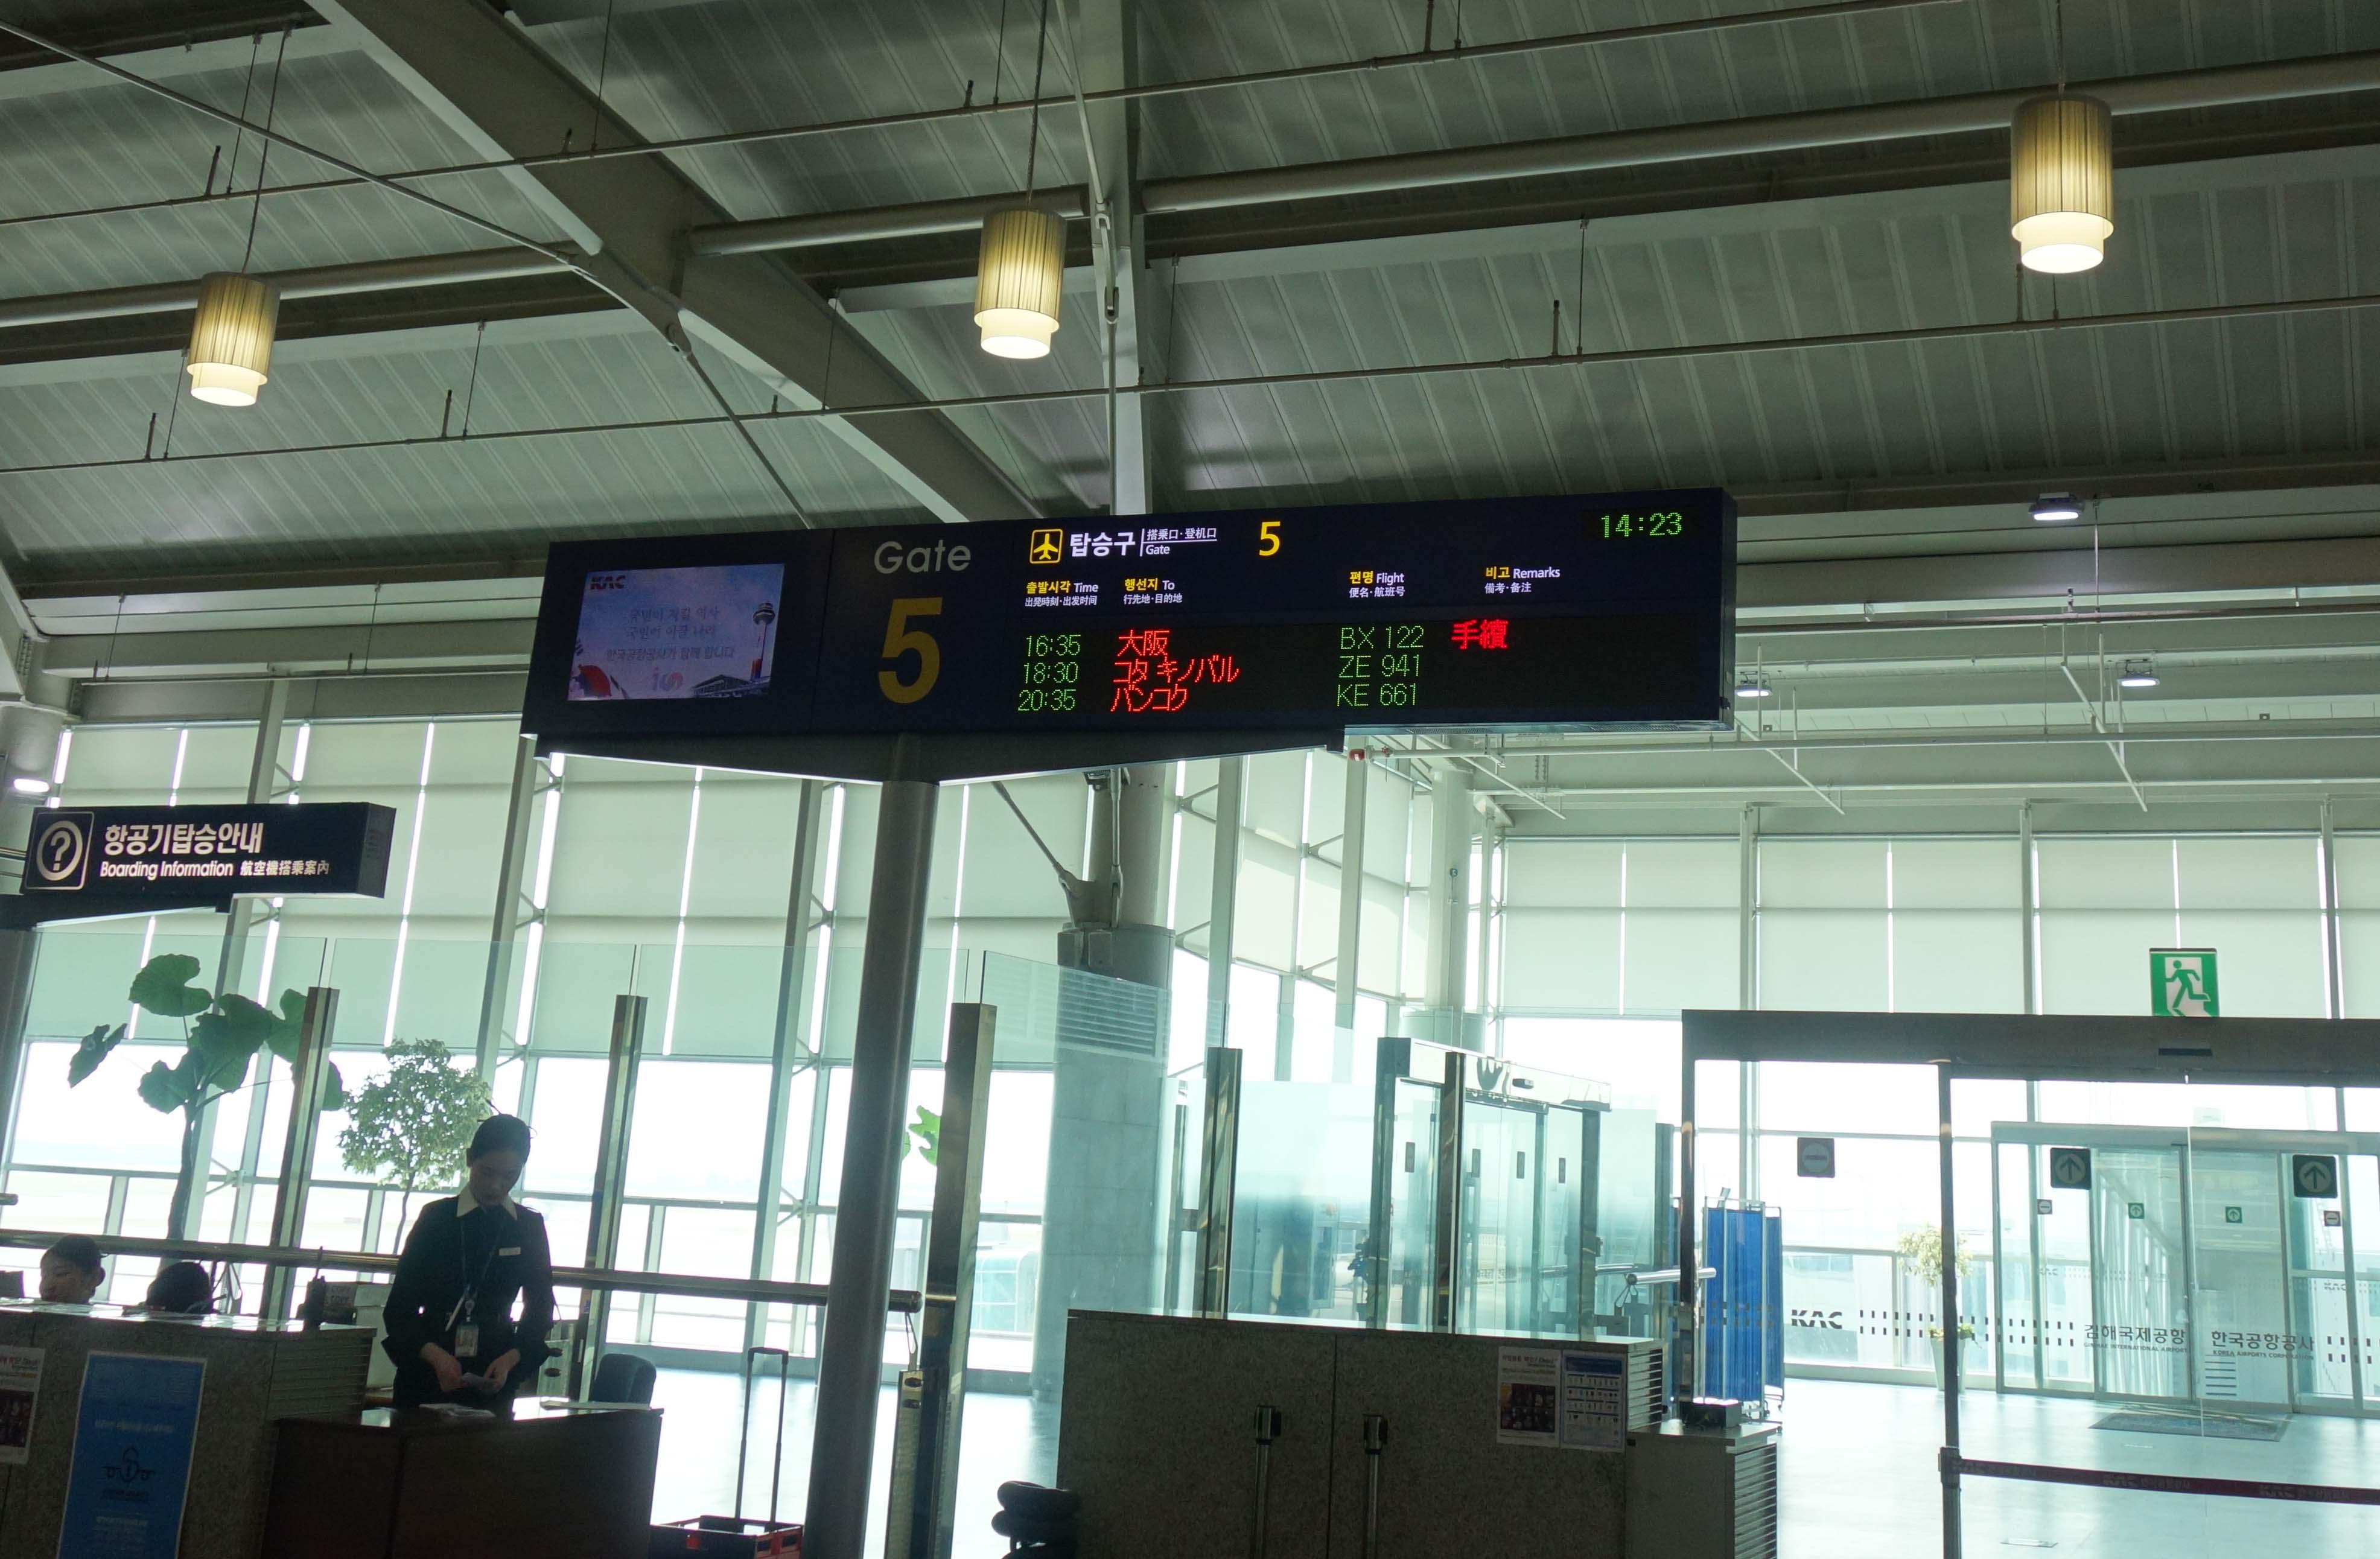 飛行機乗る時はいつものように余裕持って行動♪「金海国際空港」を散策します